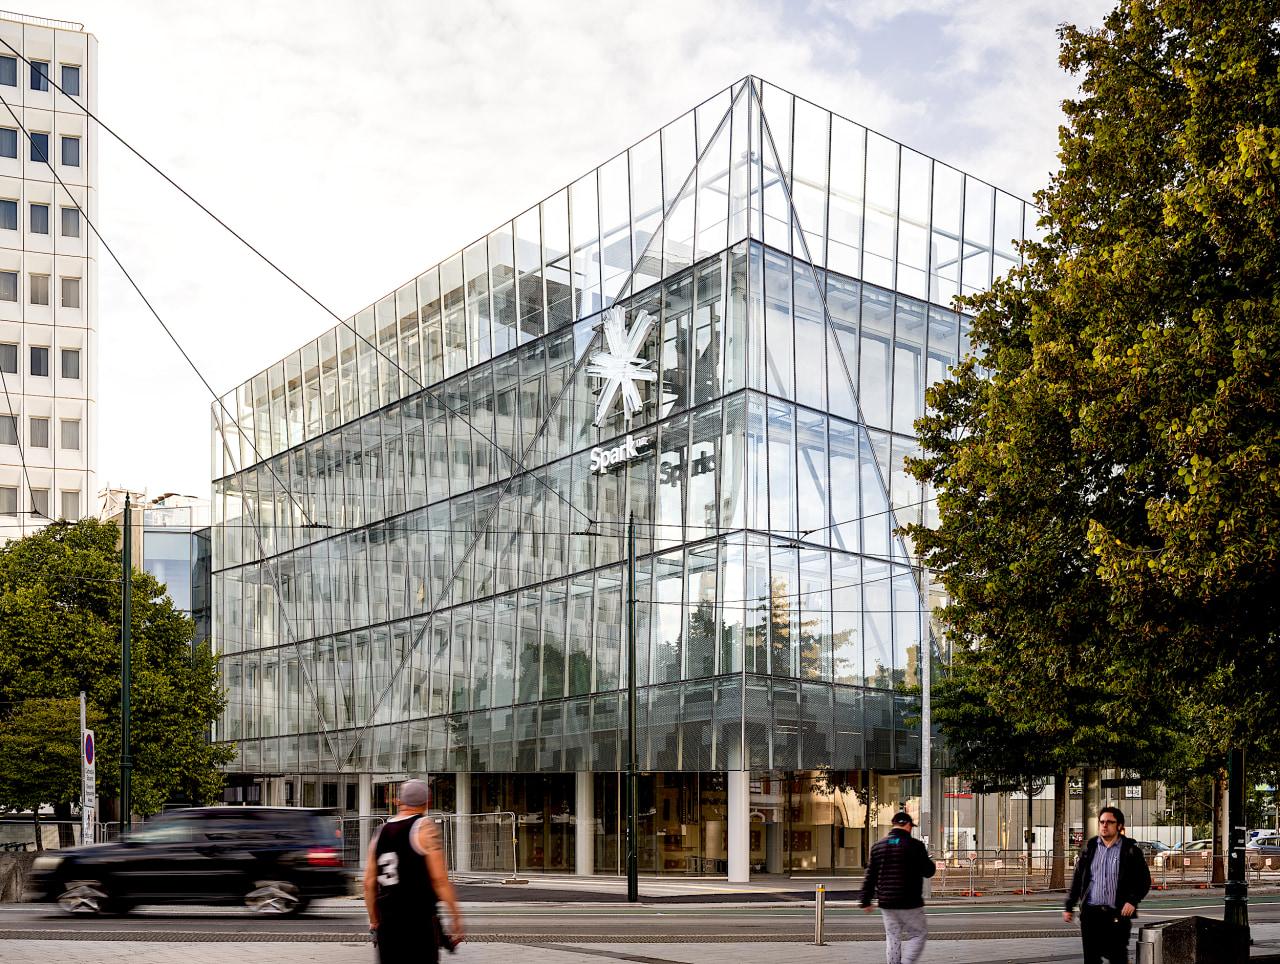 The Spark building has a double glass facade,